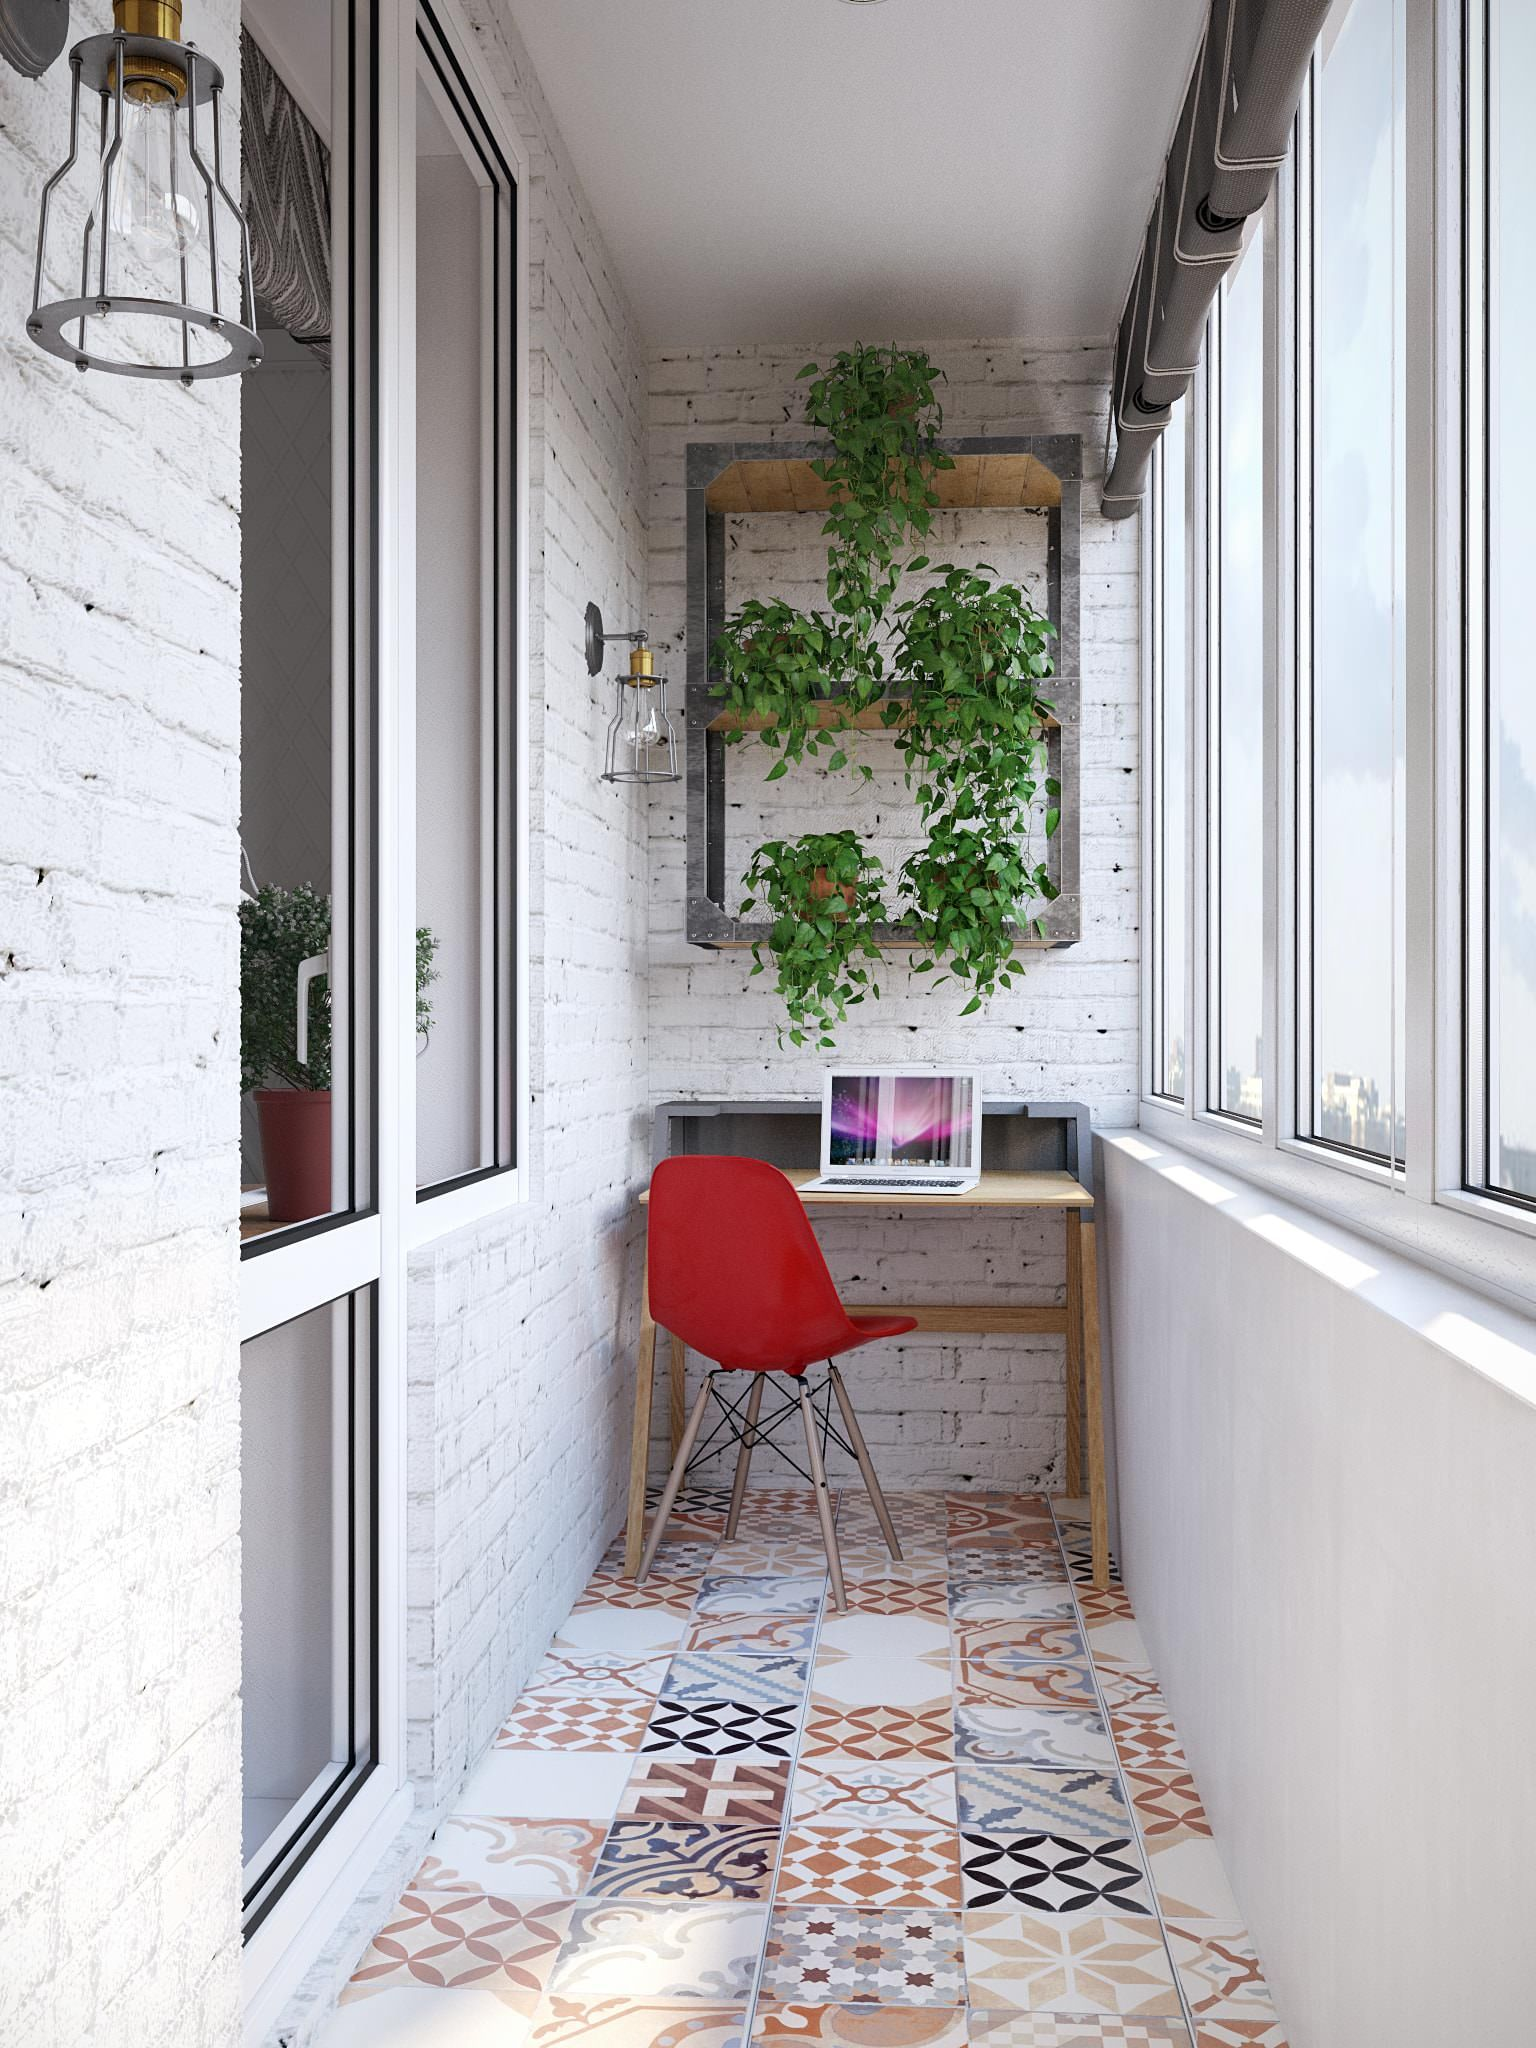 Оригинальные идеи, которые позволят превратить балкон в райс.